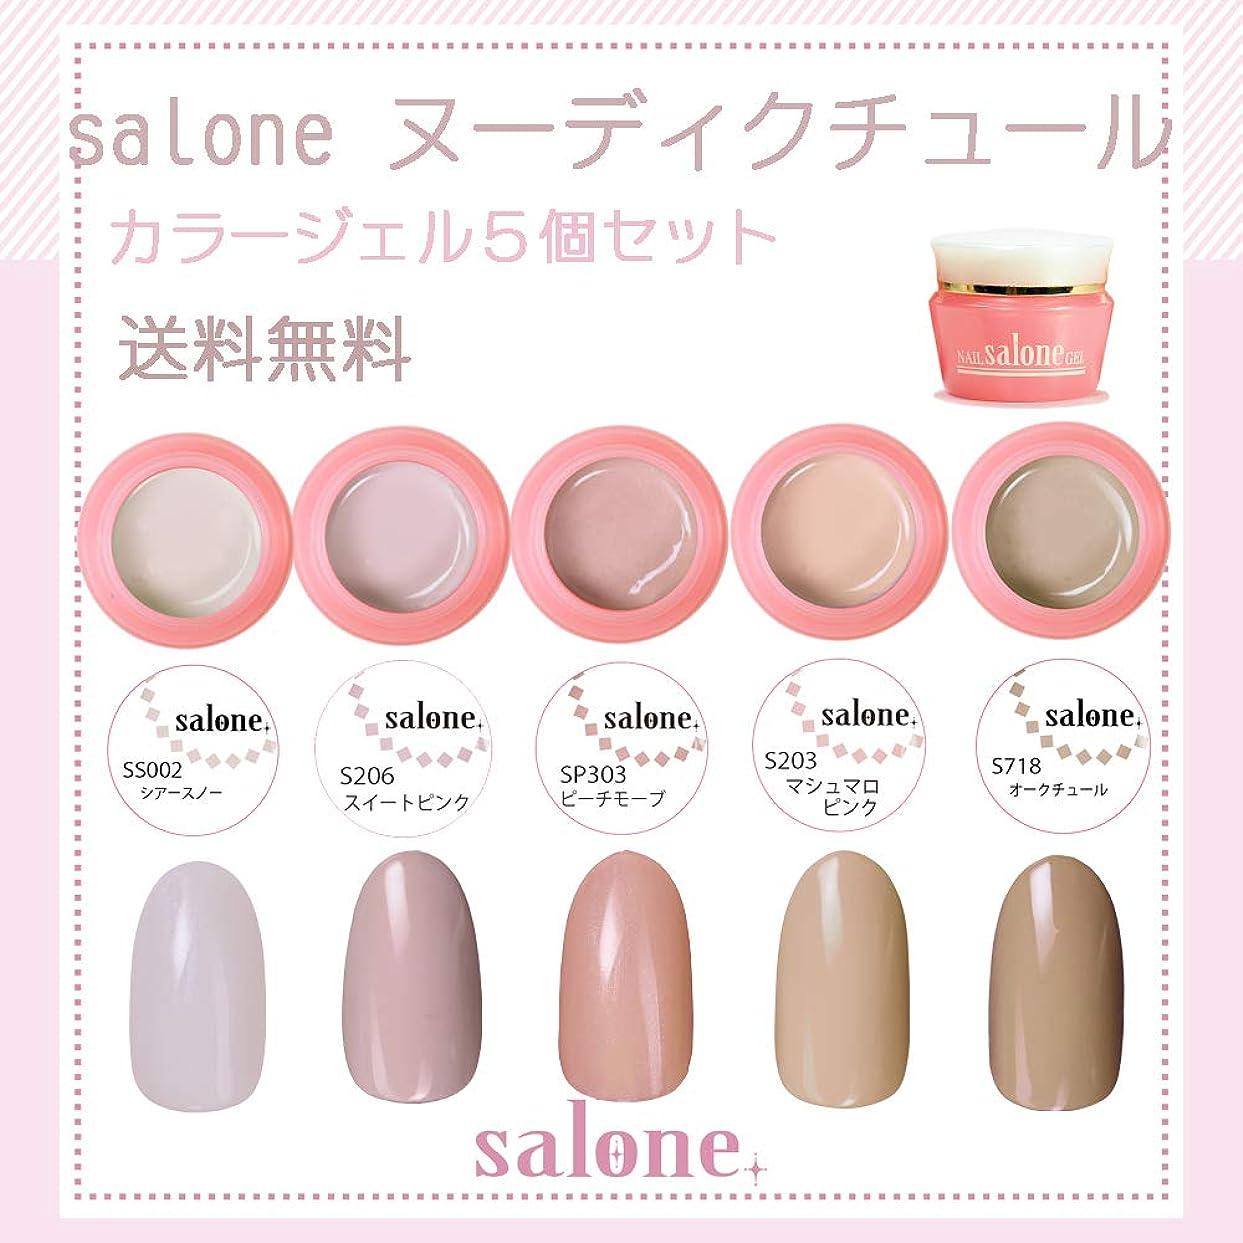 マーティフィールディング顕現みなさん【送料無料 日本製】Salone ヌーディクチュール カラージェル5個セット 上品で肌なじみの良いカラー